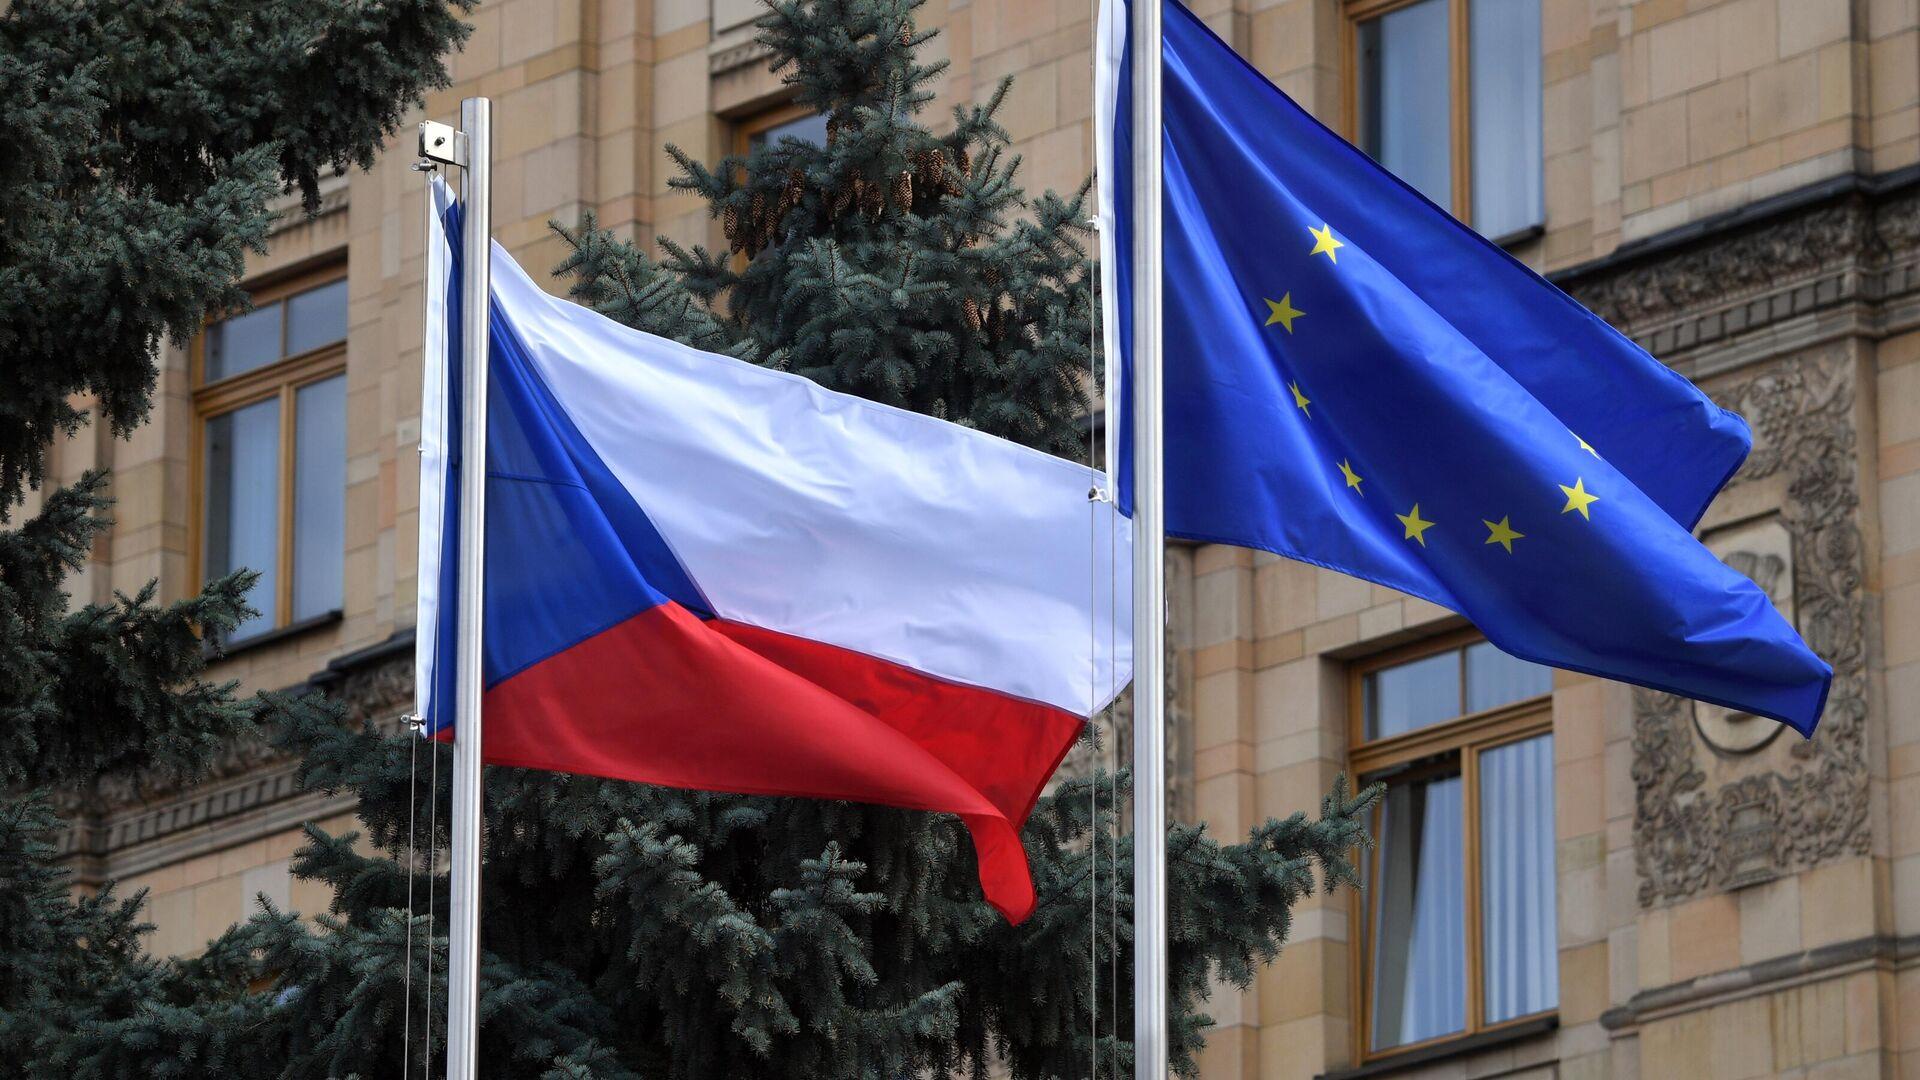 La bandera de la República Checa y la UE en el territorio de la Embajada de Chequia en Moscú - Sputnik Mundo, 1920, 20.04.2021